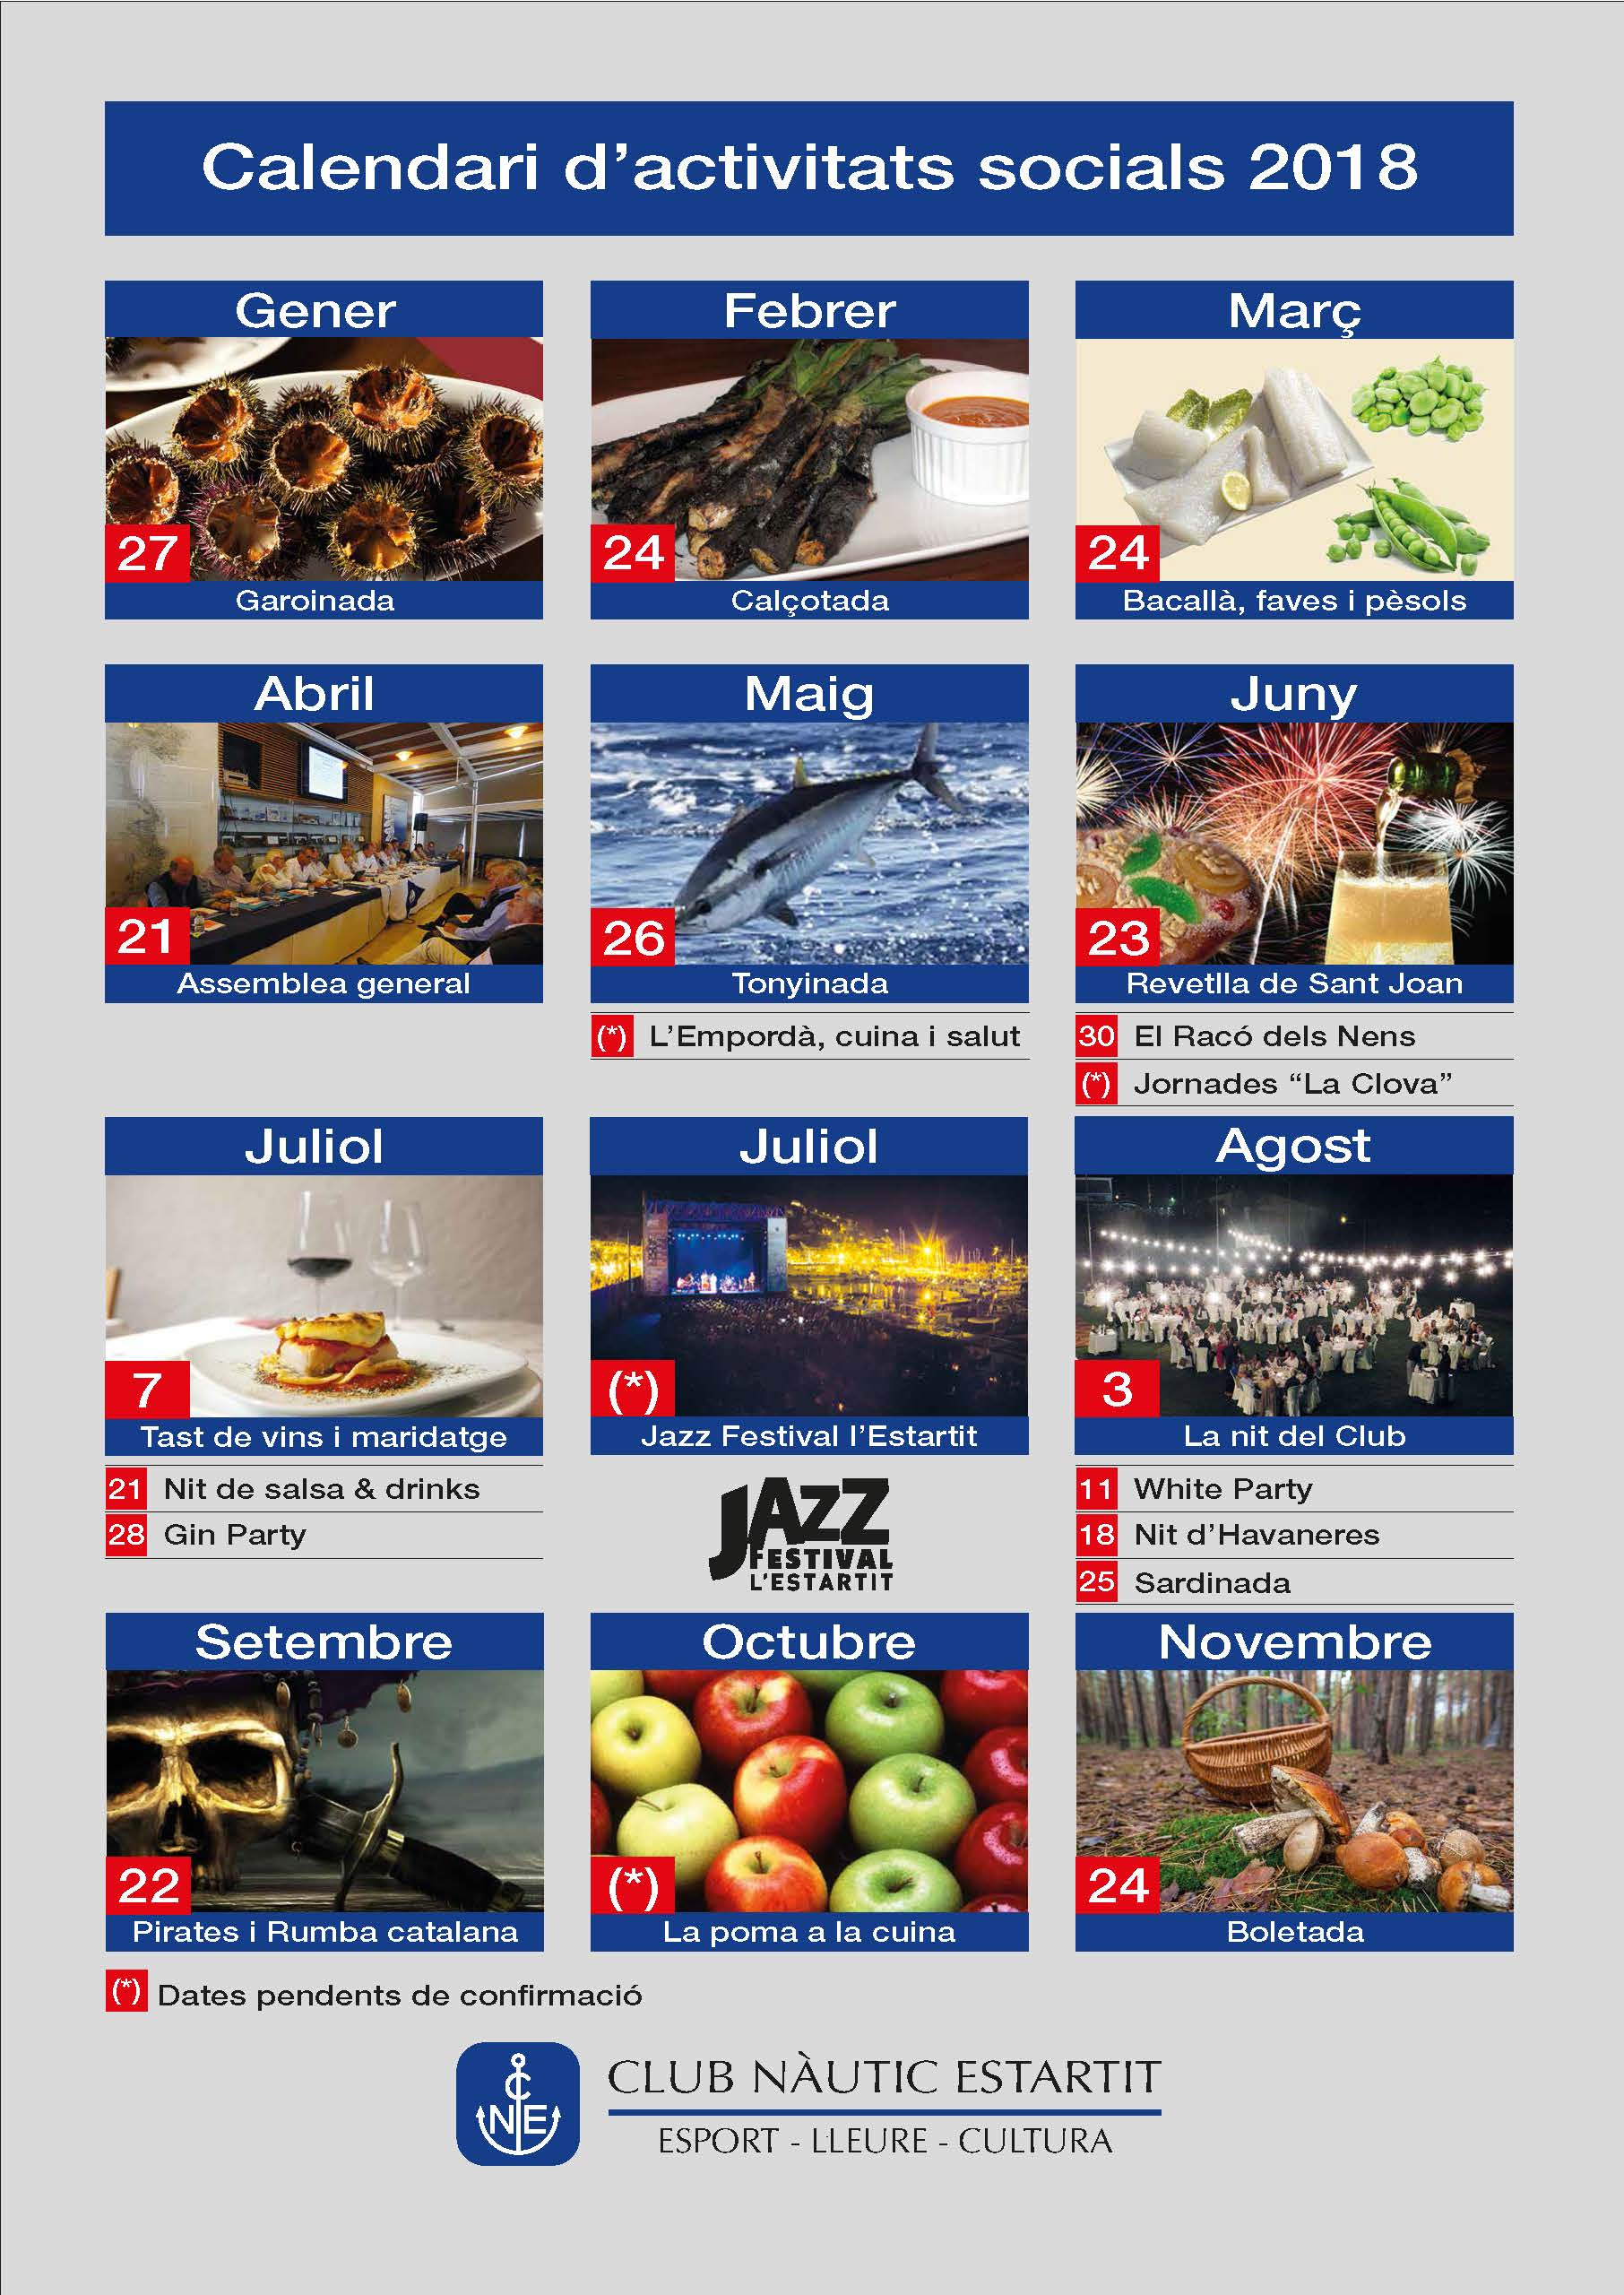 calendari act socials 2018